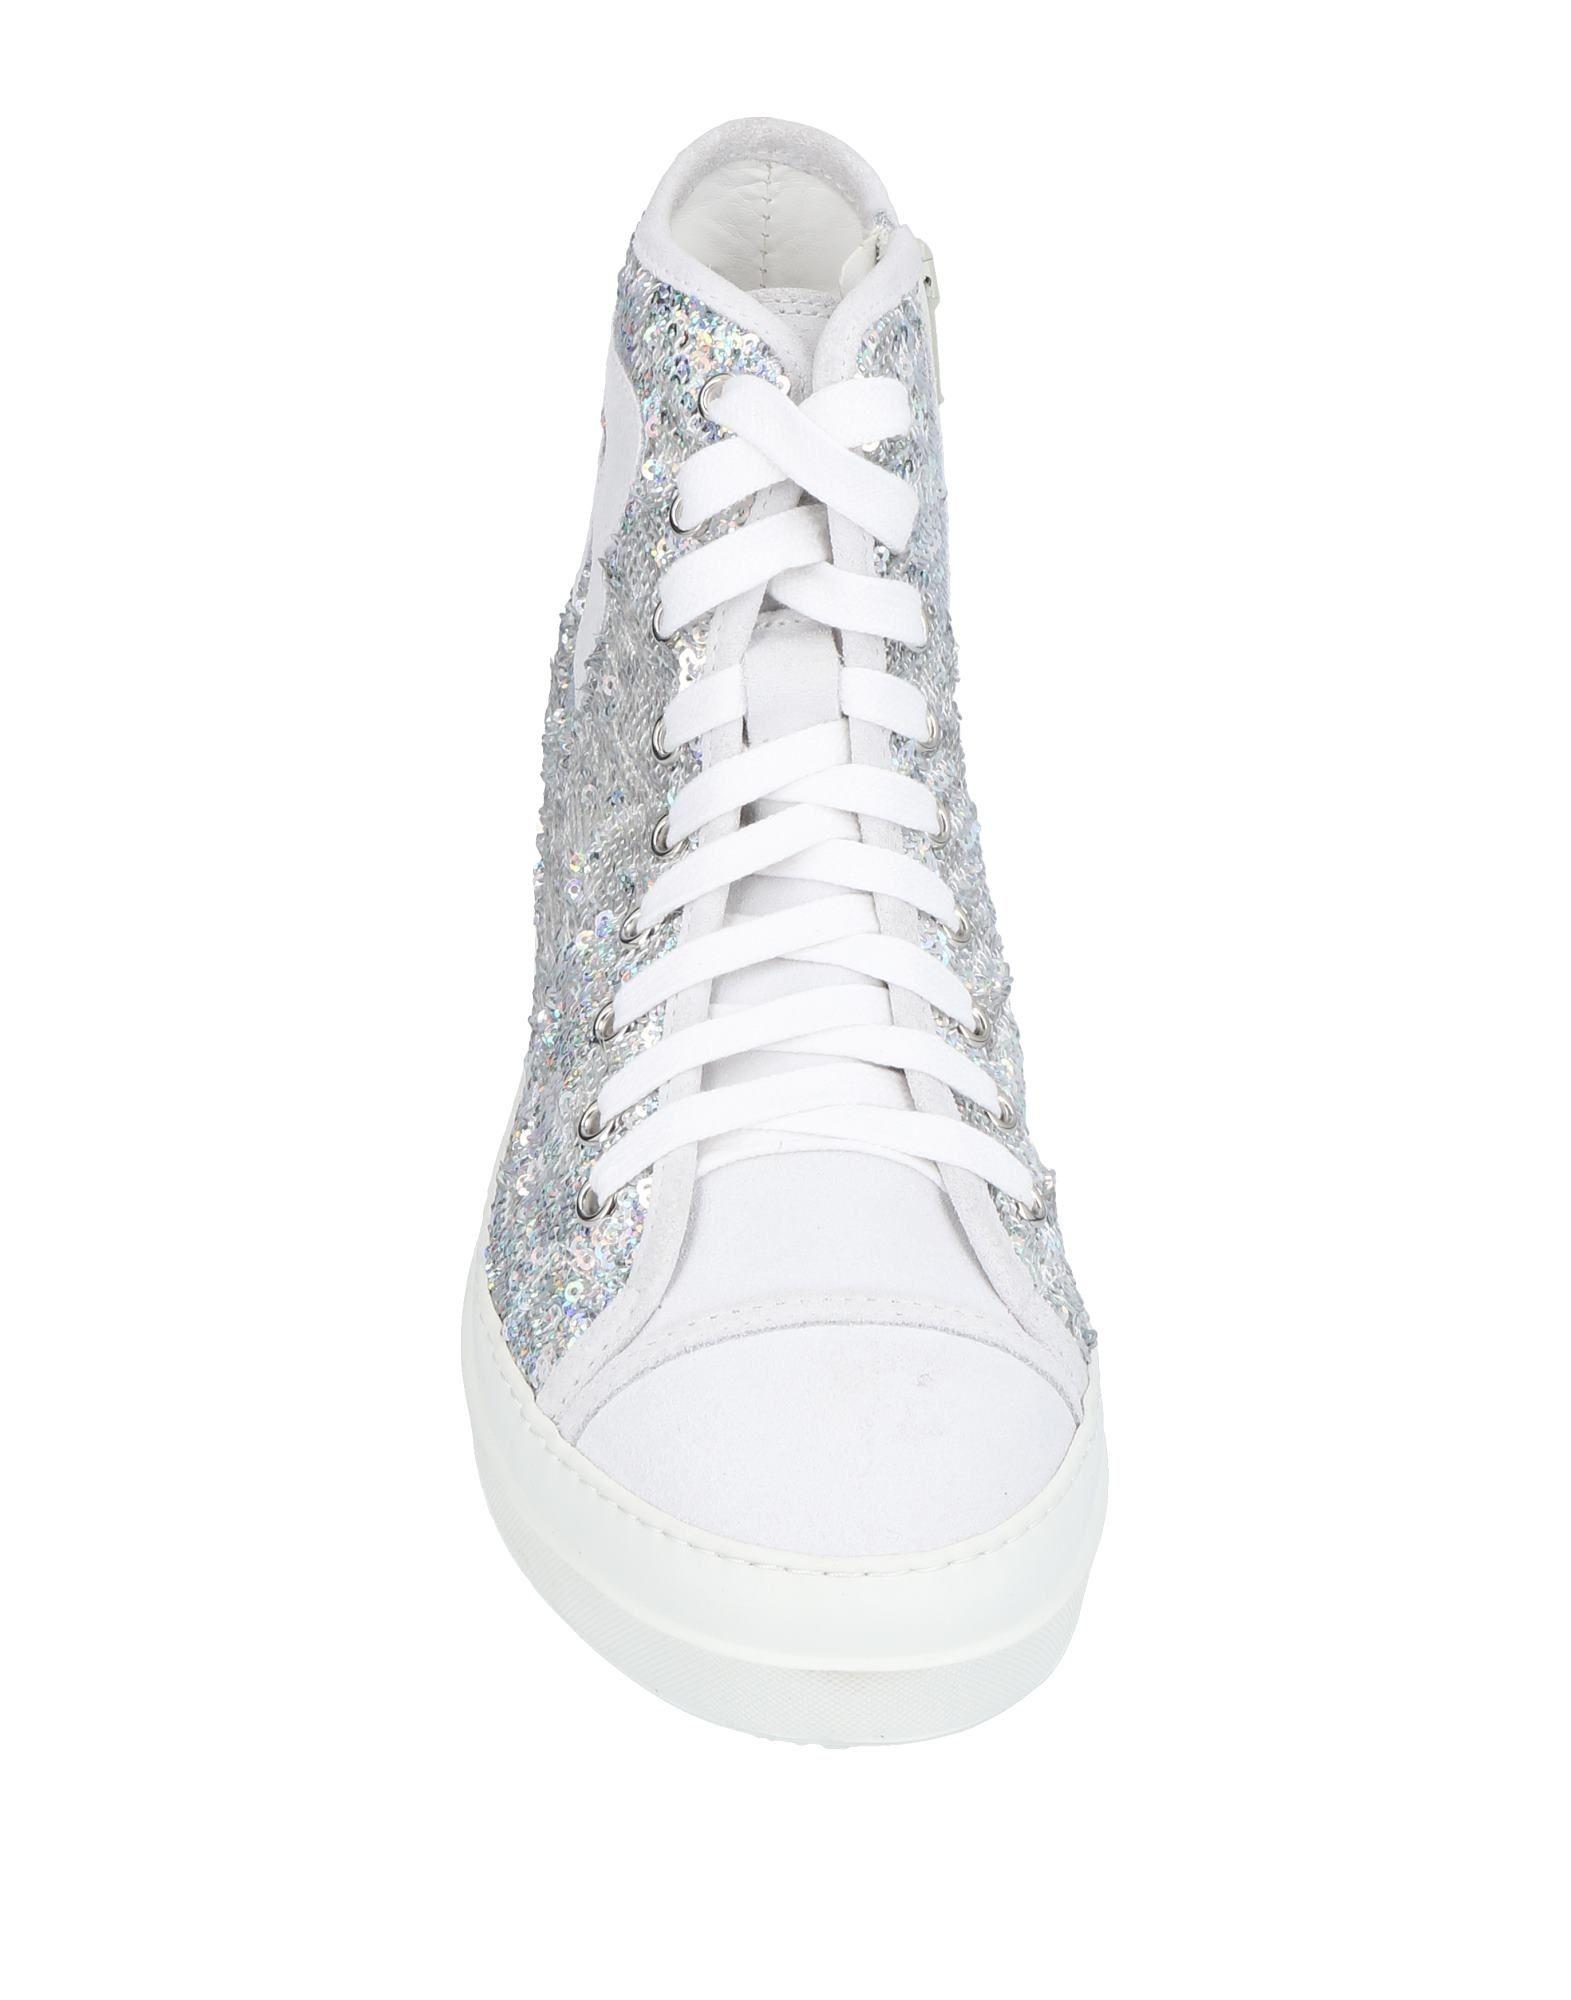 Gut Line um billige Schuhe zu tragenRuco Line Gut Sneakers Damen  11469319XP 7e28b6